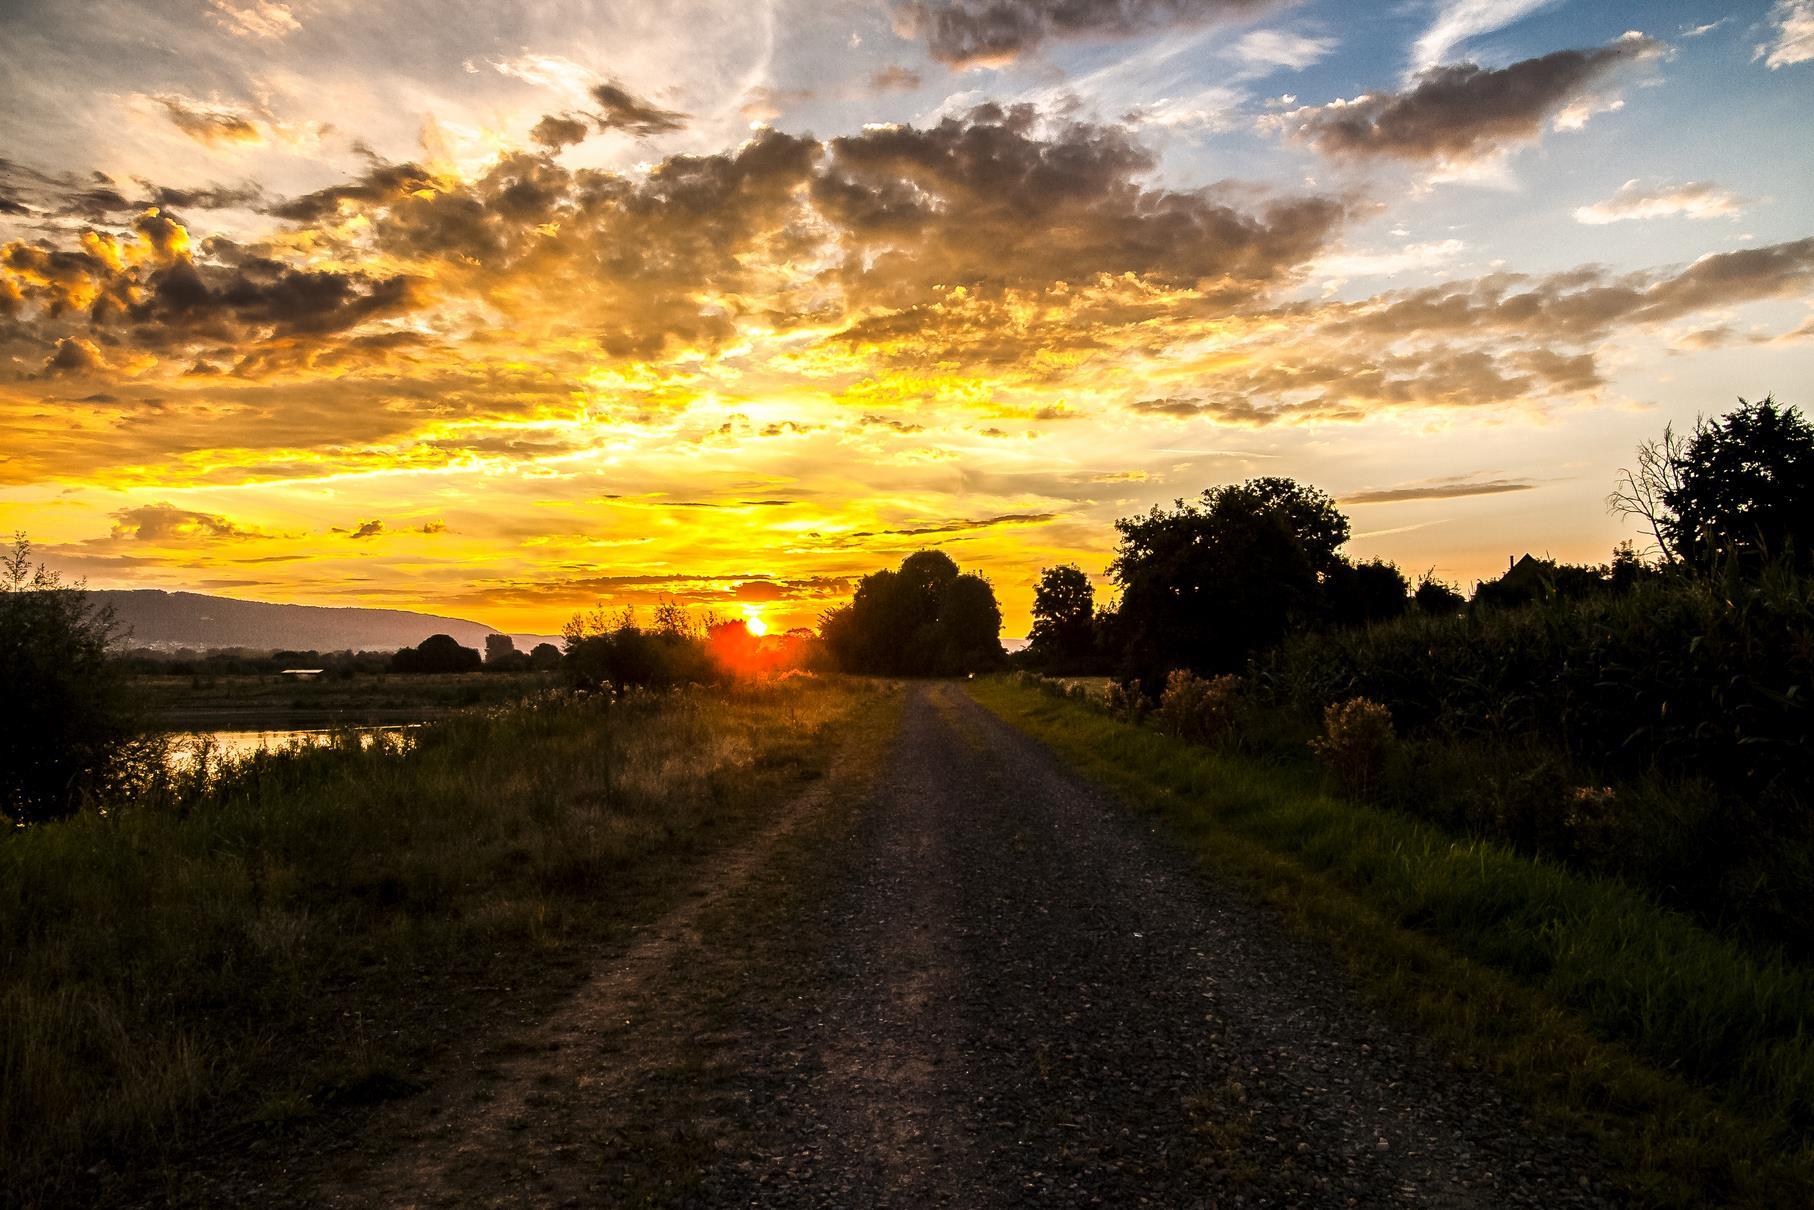 Der Weg vom Schotterparkplatz in die Auenlandschaft beim Sonnenaufgang.